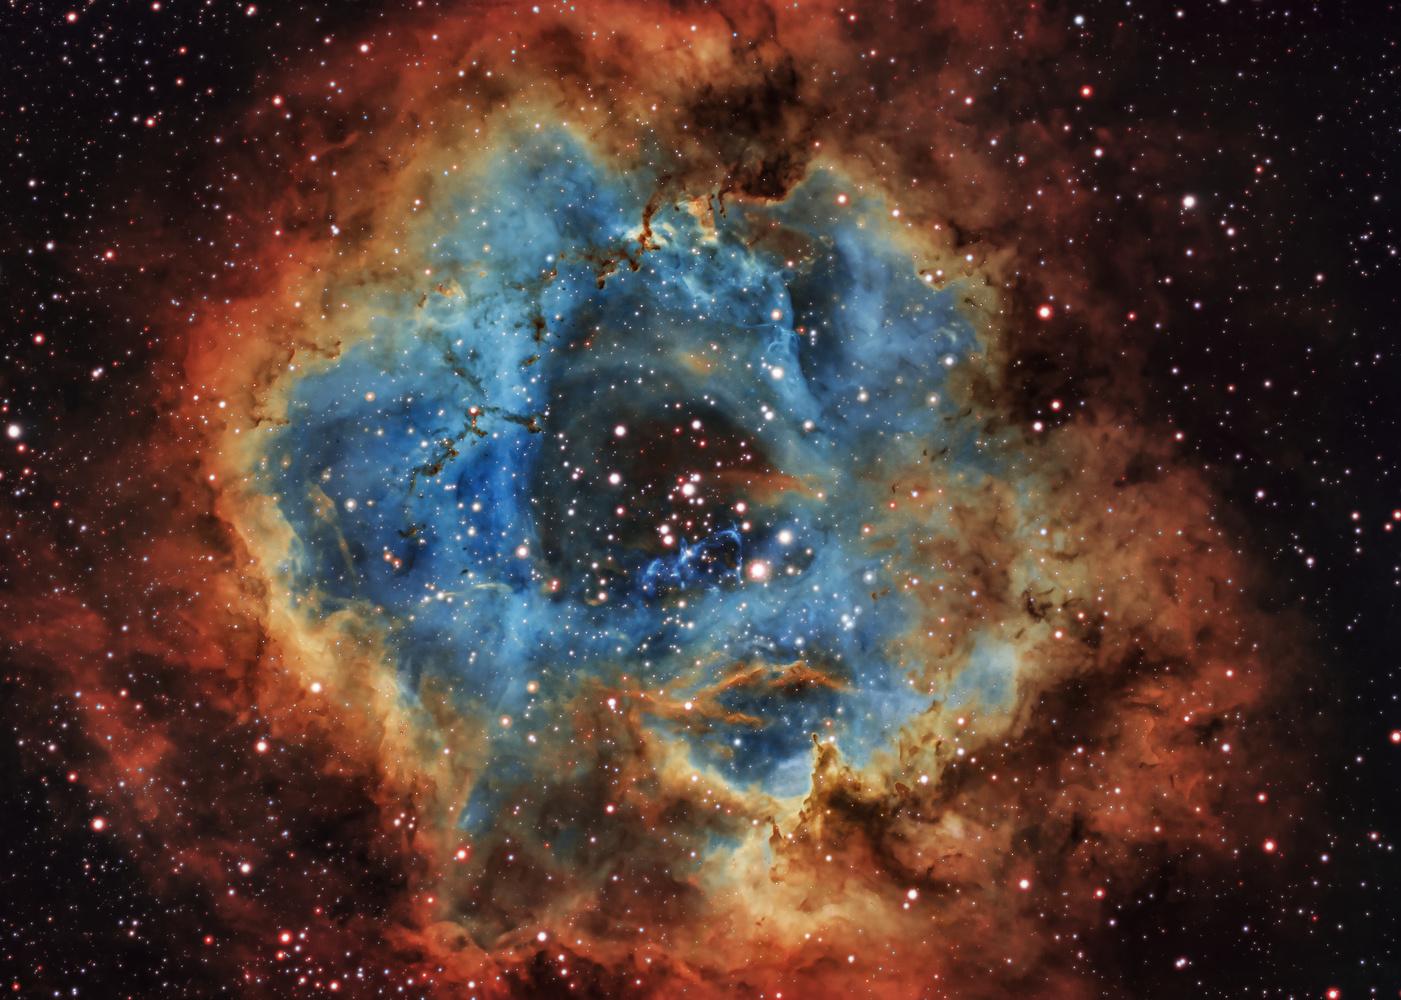 Rosette nebula by Steven de Vet